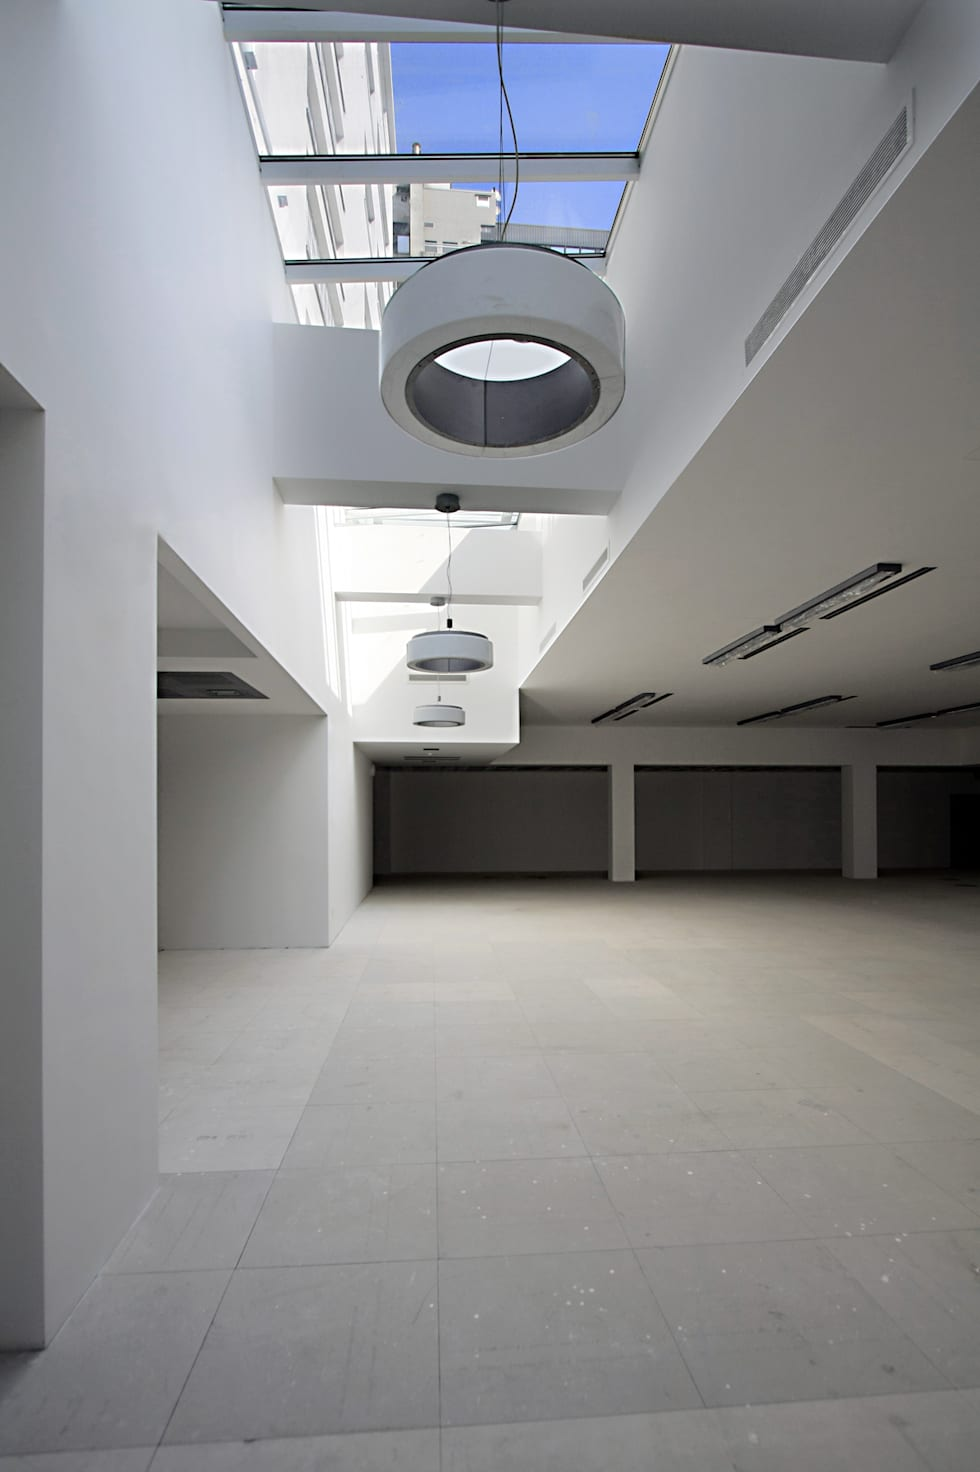 Idee arredamento casa interior design homify for Progettista del piano interrato